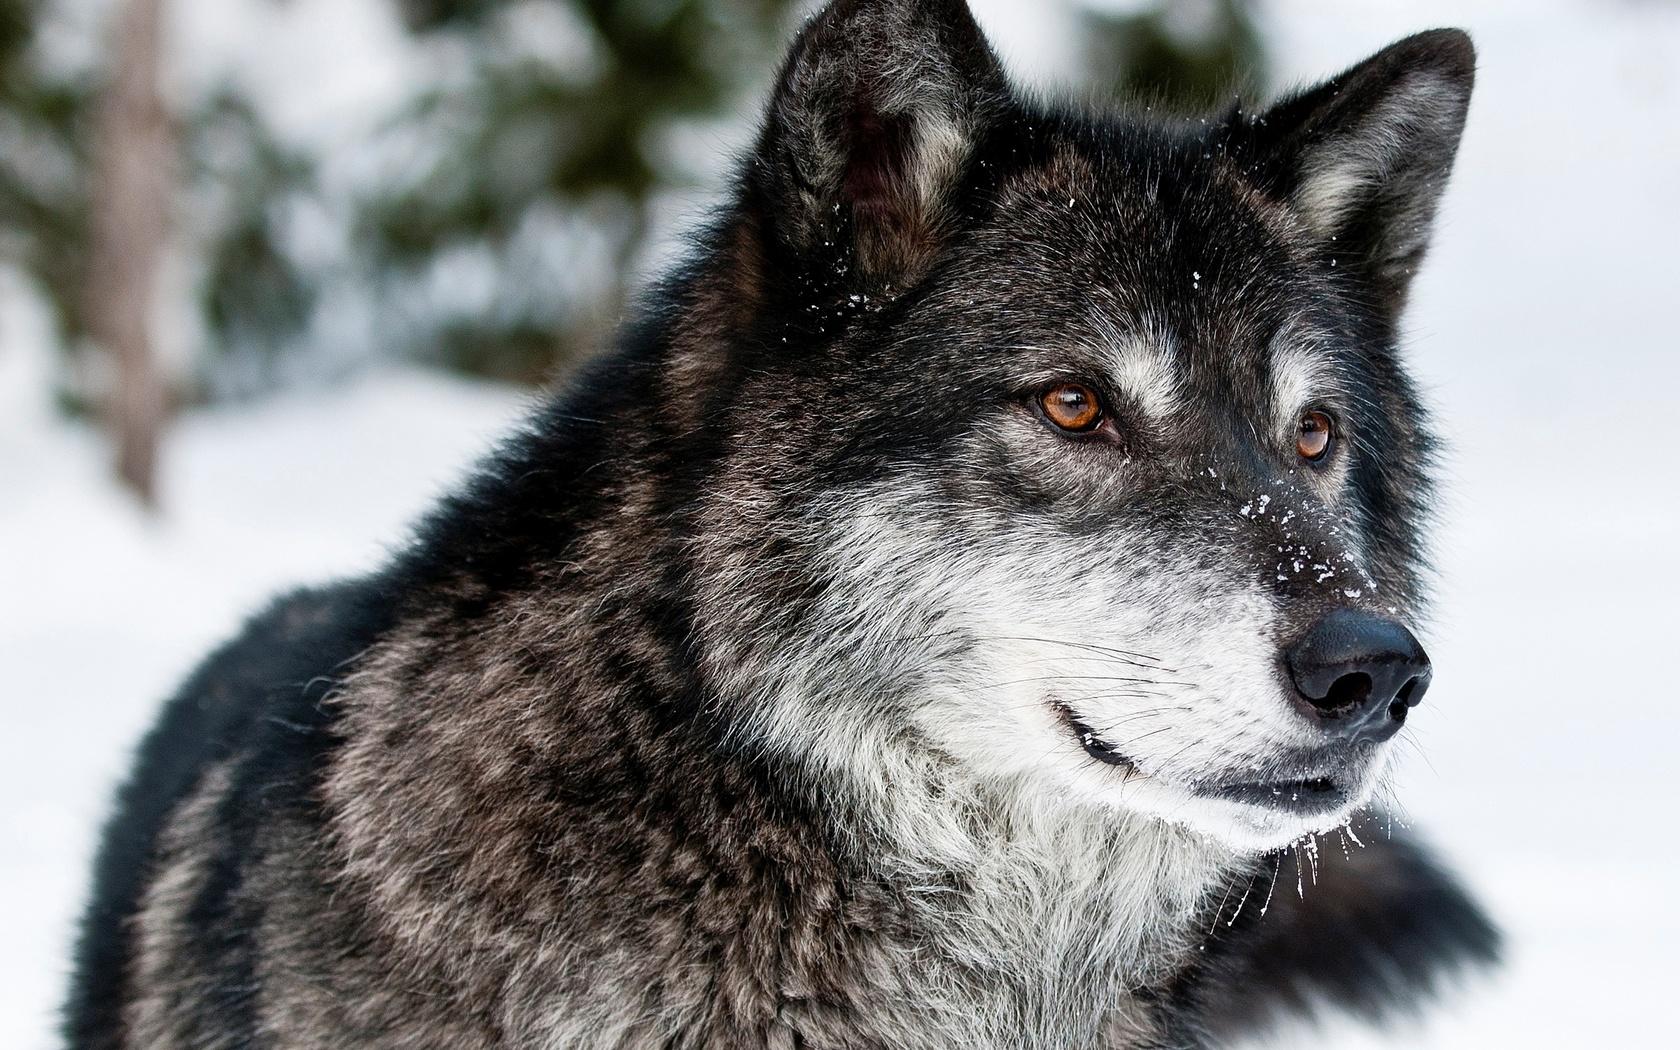 нам зачем фото волка разбил небольшой